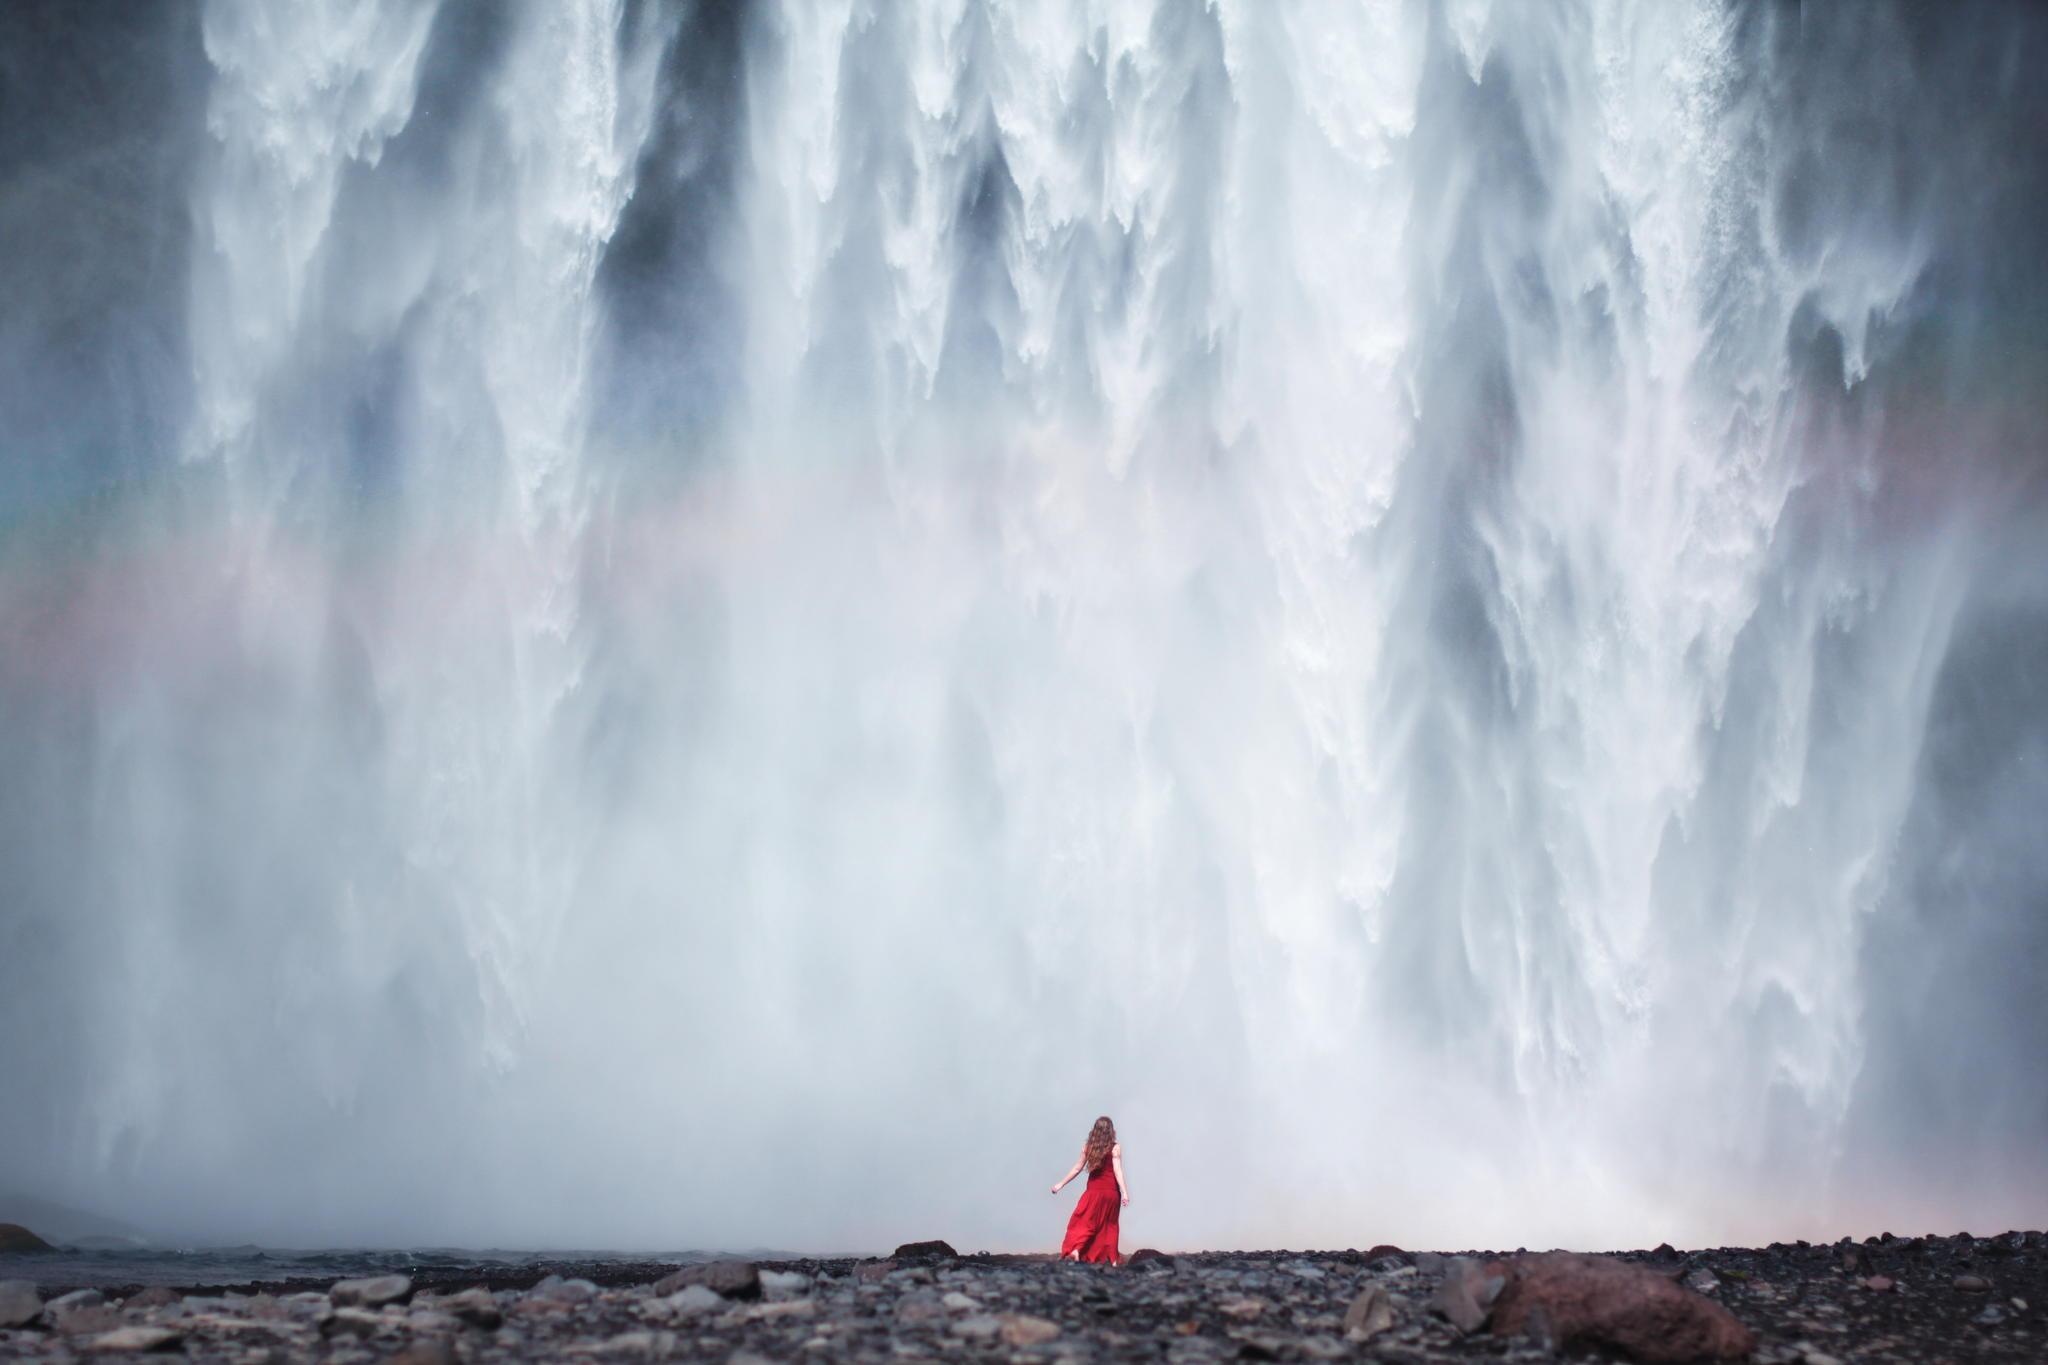 lizzy gadd photography landscape breathtaking scope waterfall